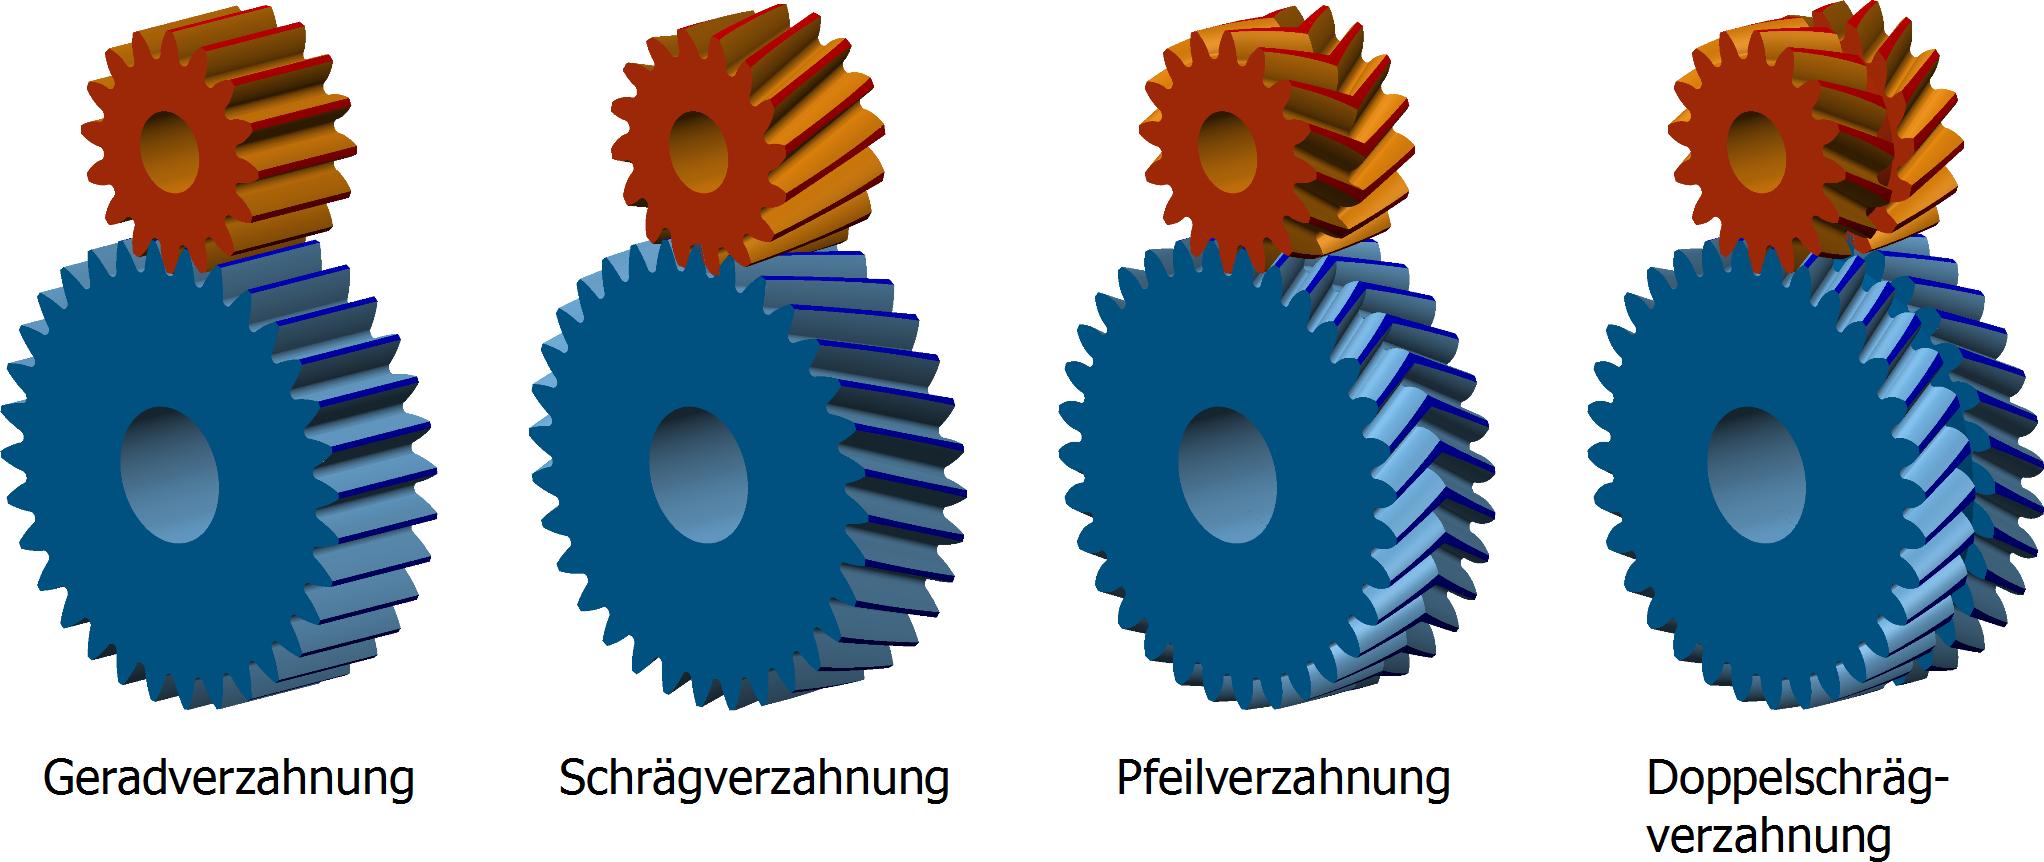 pdf German